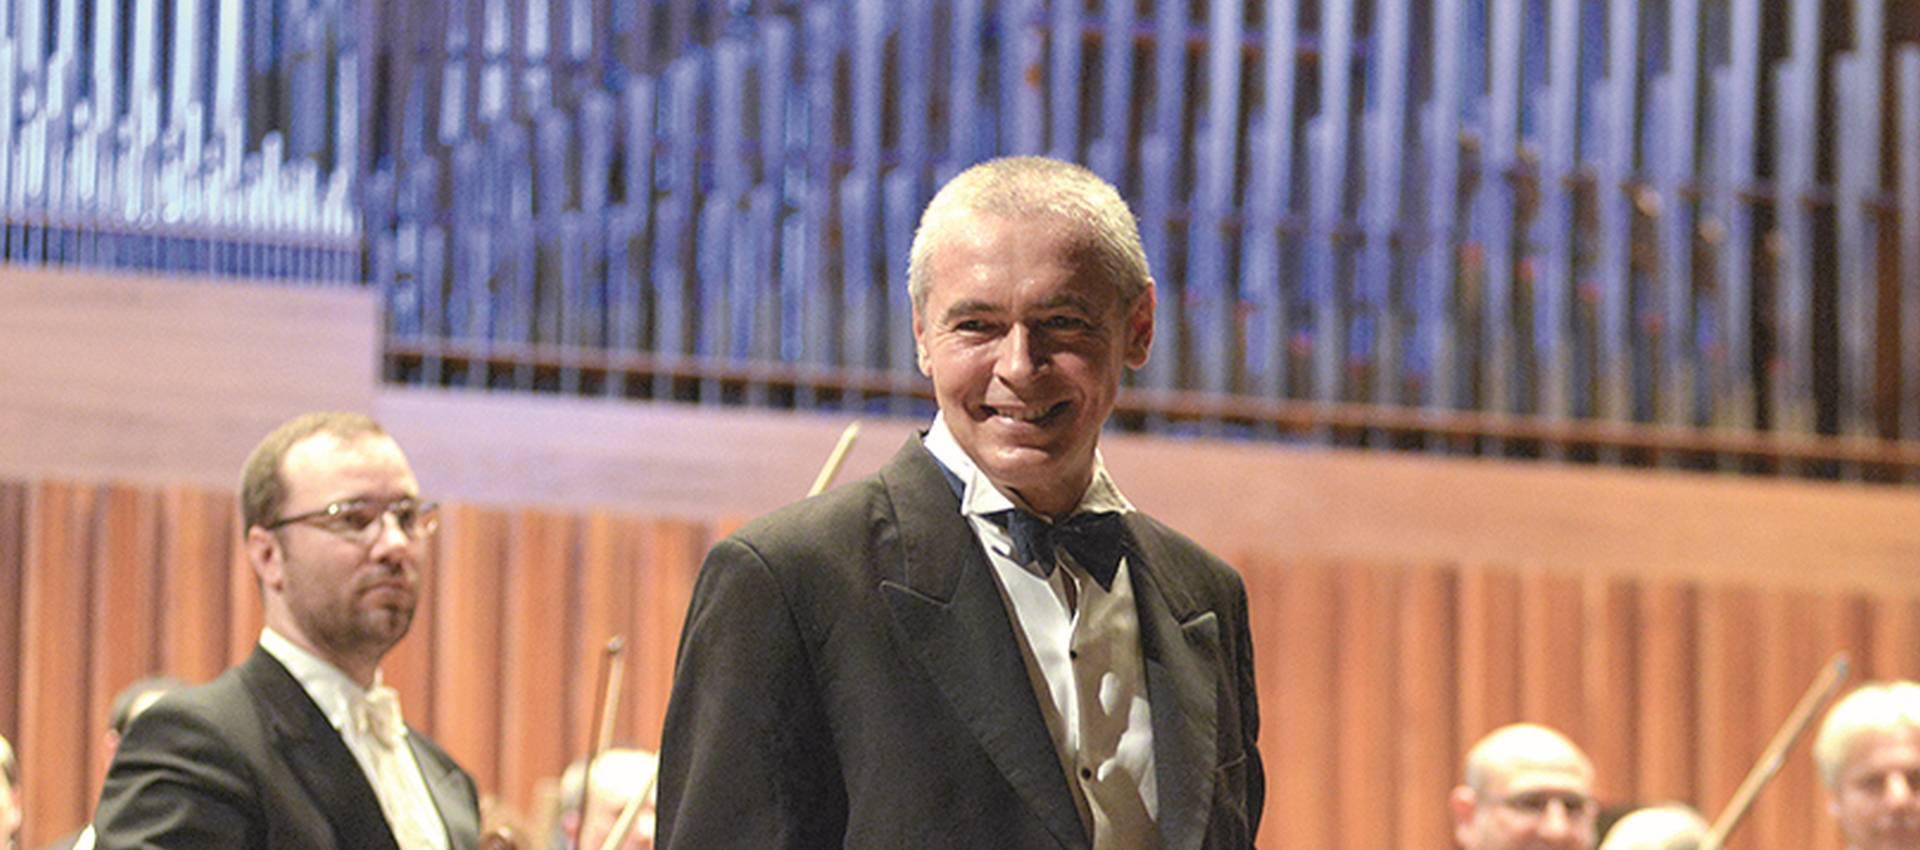 Ivo Pogorelić nije bio ni kontroverzan ni ekscentričan